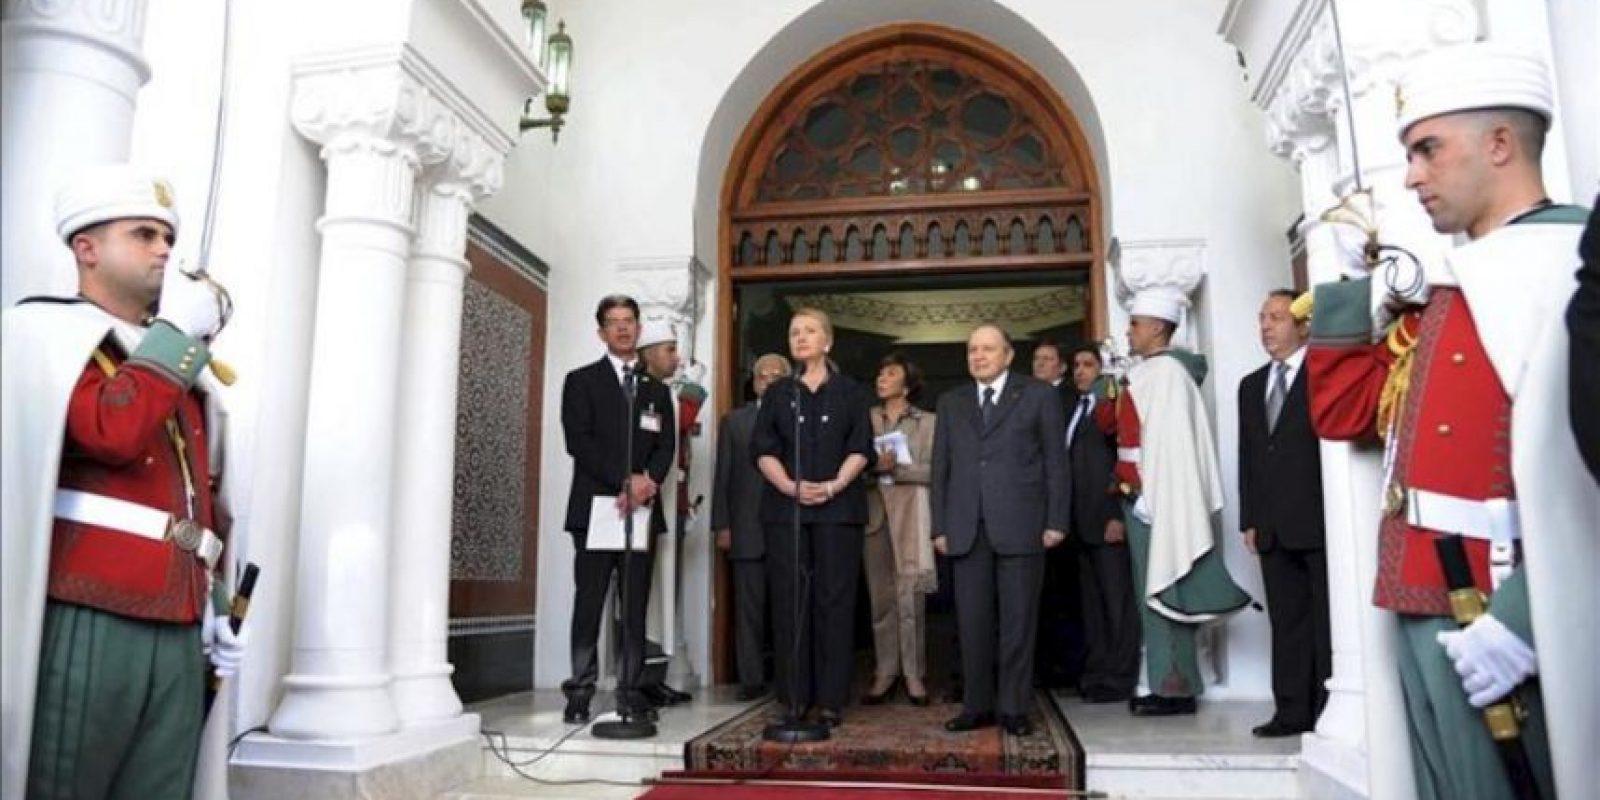 El presidente argelino Abdelaziz Bouteflika (cd) y la secretaria de Estado estadounidense Hillary Clinton (ci) comparecen ante los medios tras el encuentro que han mantenido en el palacio Mouradia de Argel, Argelia, hoy, lunes, 29 de octubre de 2012. EFE